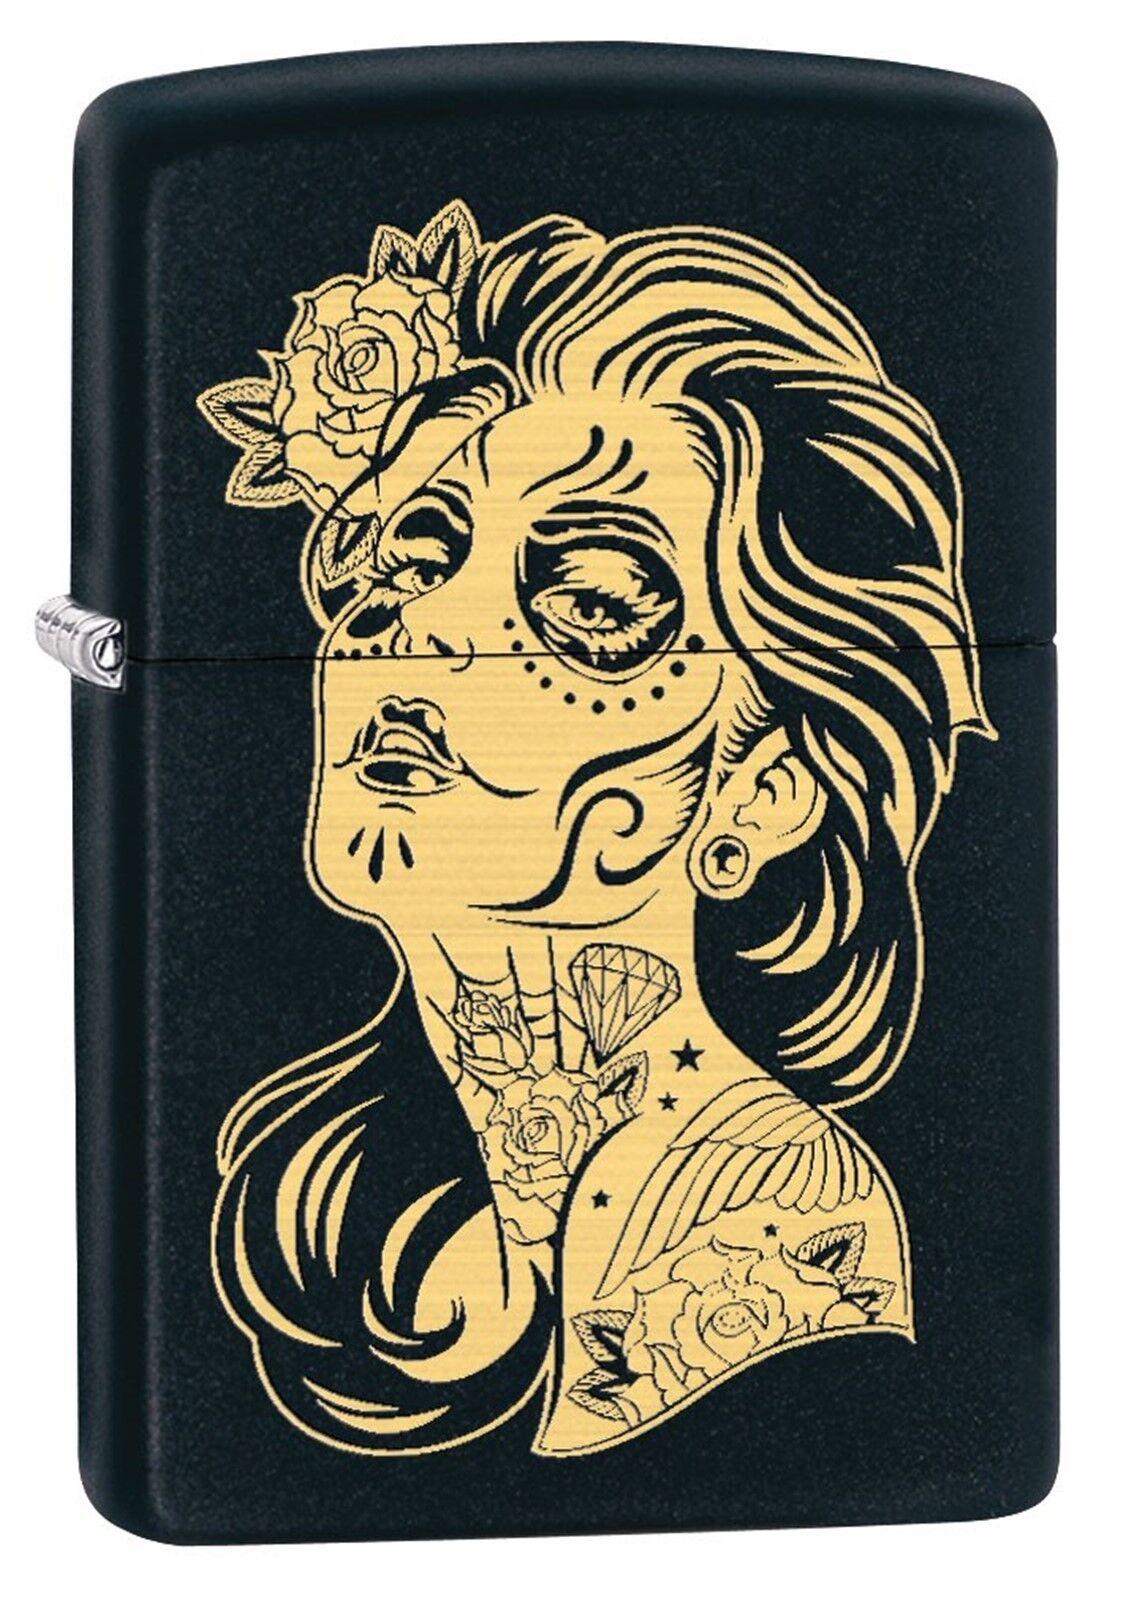 Zippo Lighter Day Of The Dead Girl Engraved Black Matte 79494